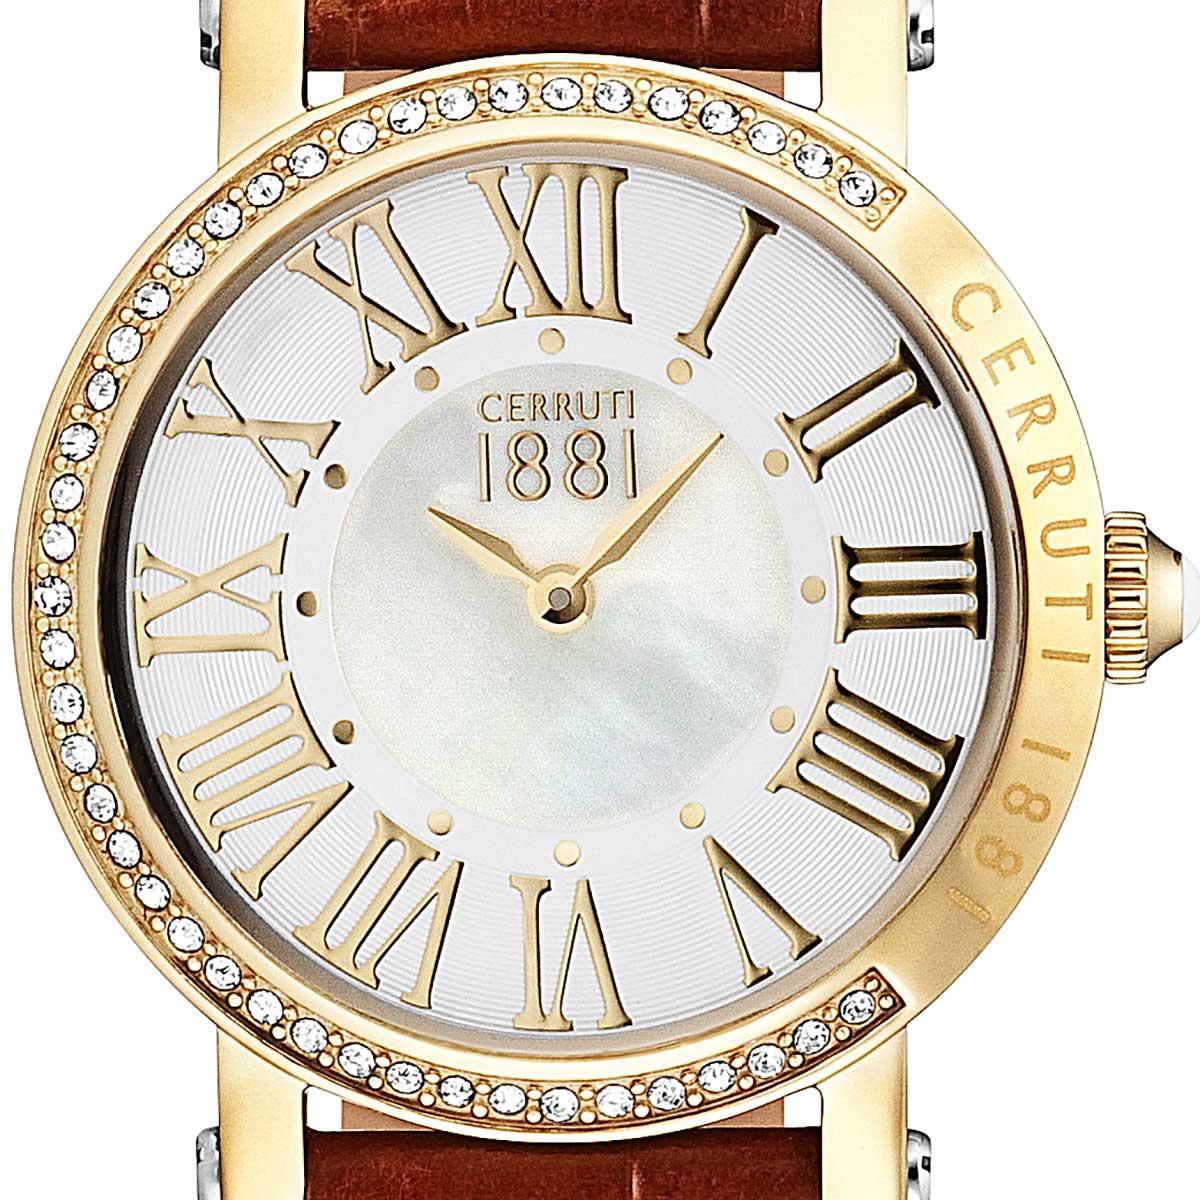 【残り1点】CERRUTI 1881 チェルッティ1881 電池式クォーツ 腕時計 [CRM139SG28BR] 並行輸入品 ホワイト(白)